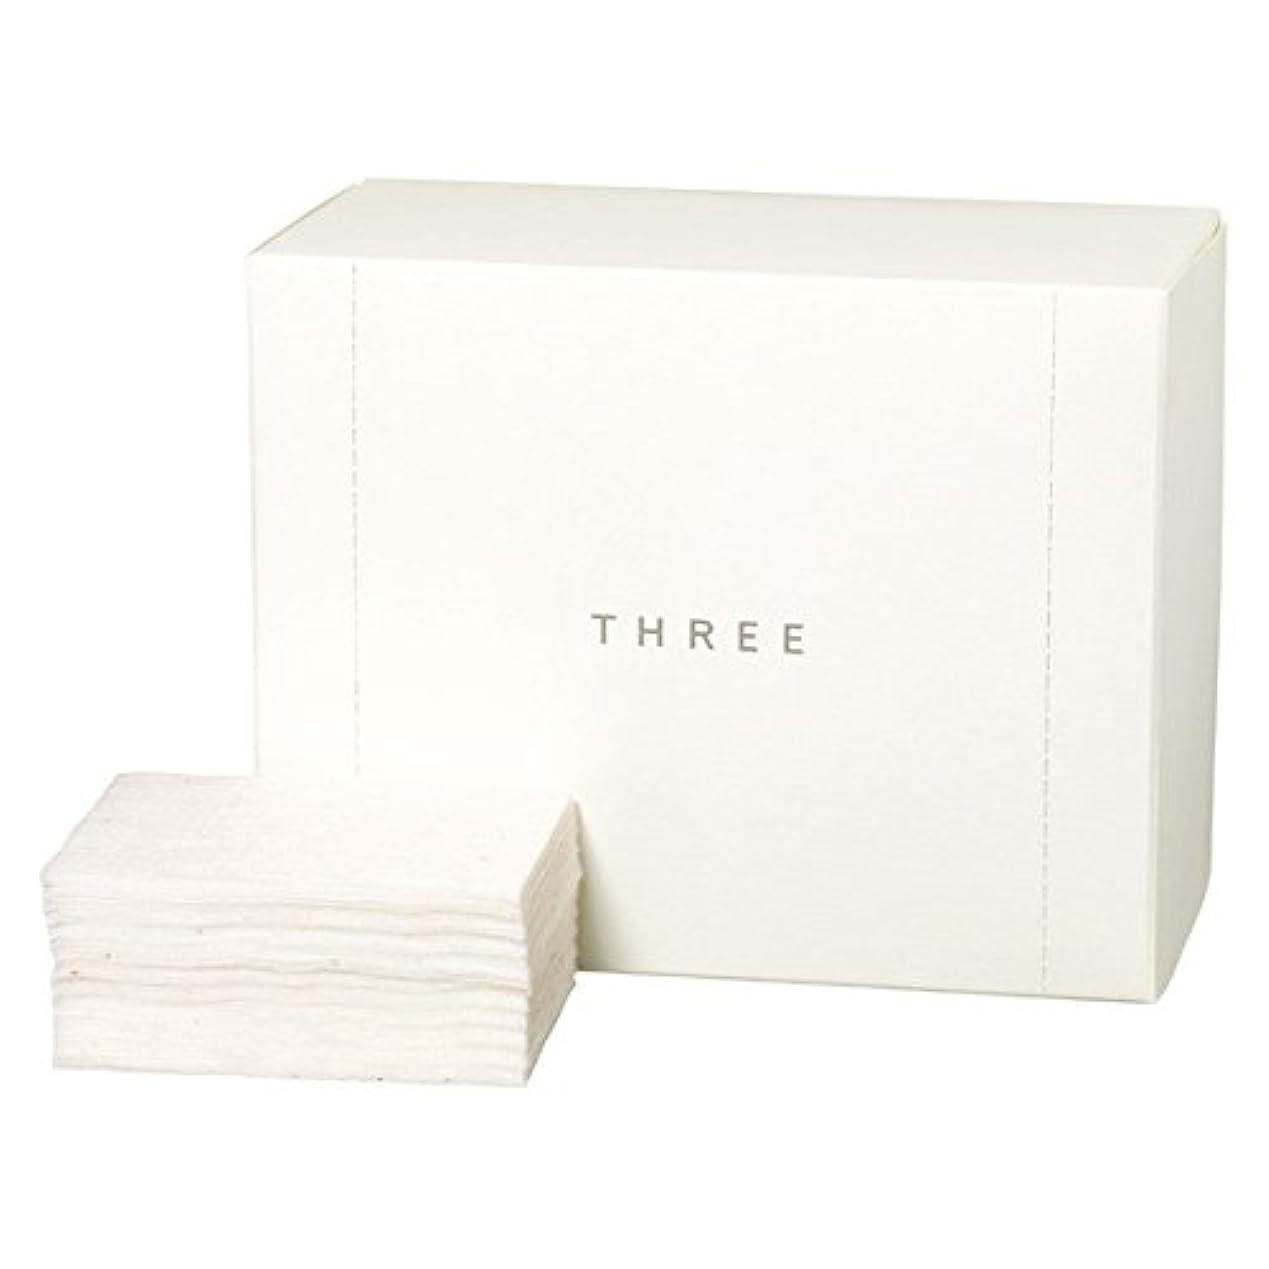 アンペア集める給料THREE オーガニック コットン THREEショップバッグ付き